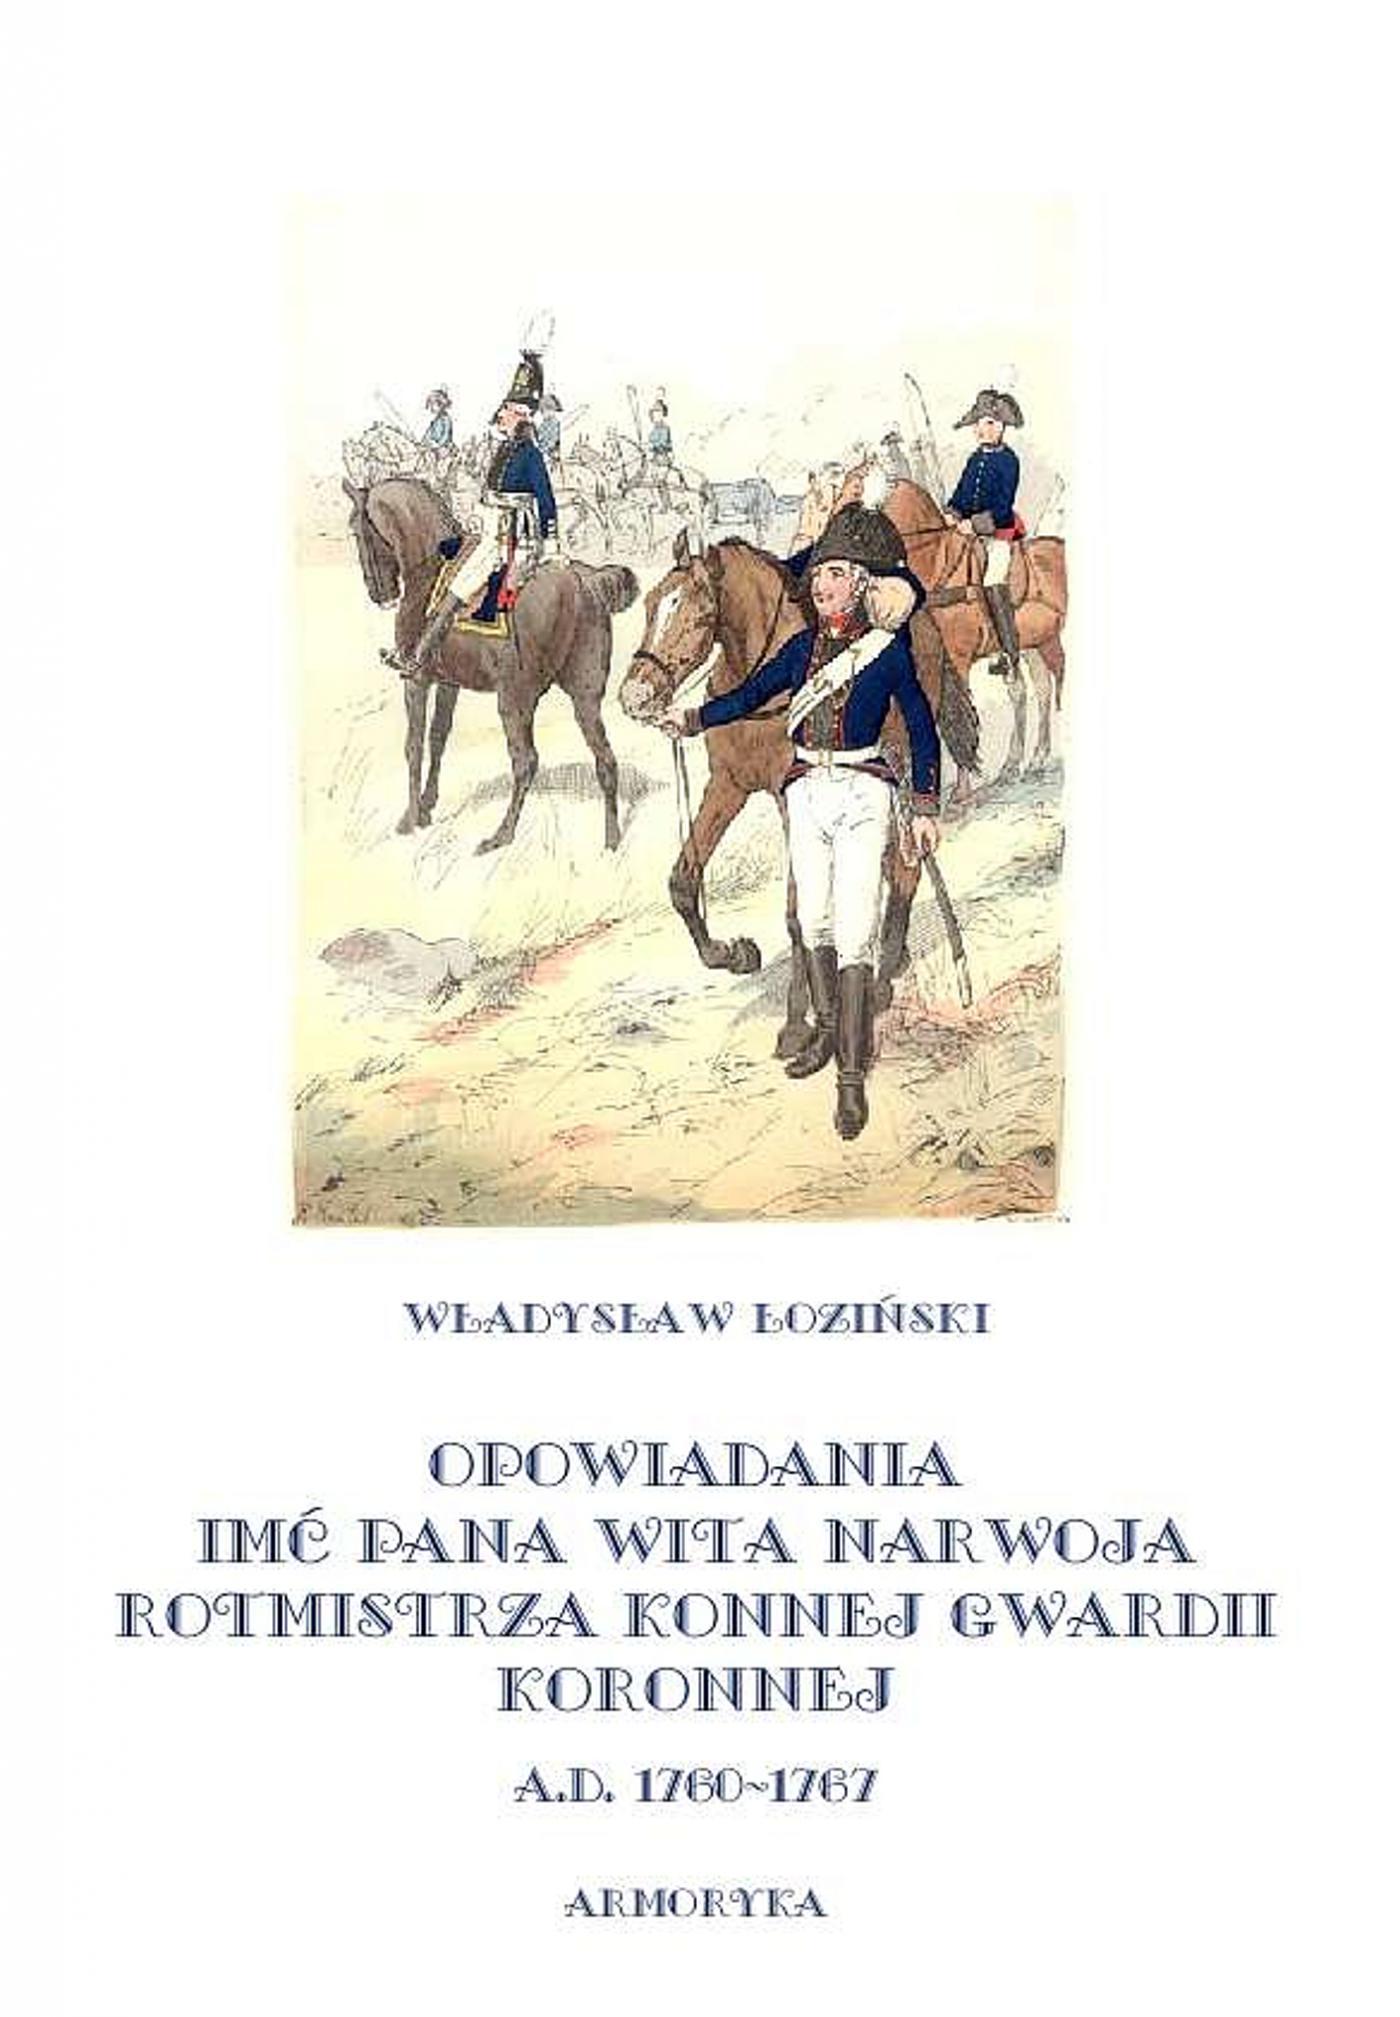 Opowiadania imć pana Wita Narwoja, rotmistrza konnej gwardii koronnej A. D. 1760-1767 - Ebook (Książka EPUB) do pobrania w formacie EPUB